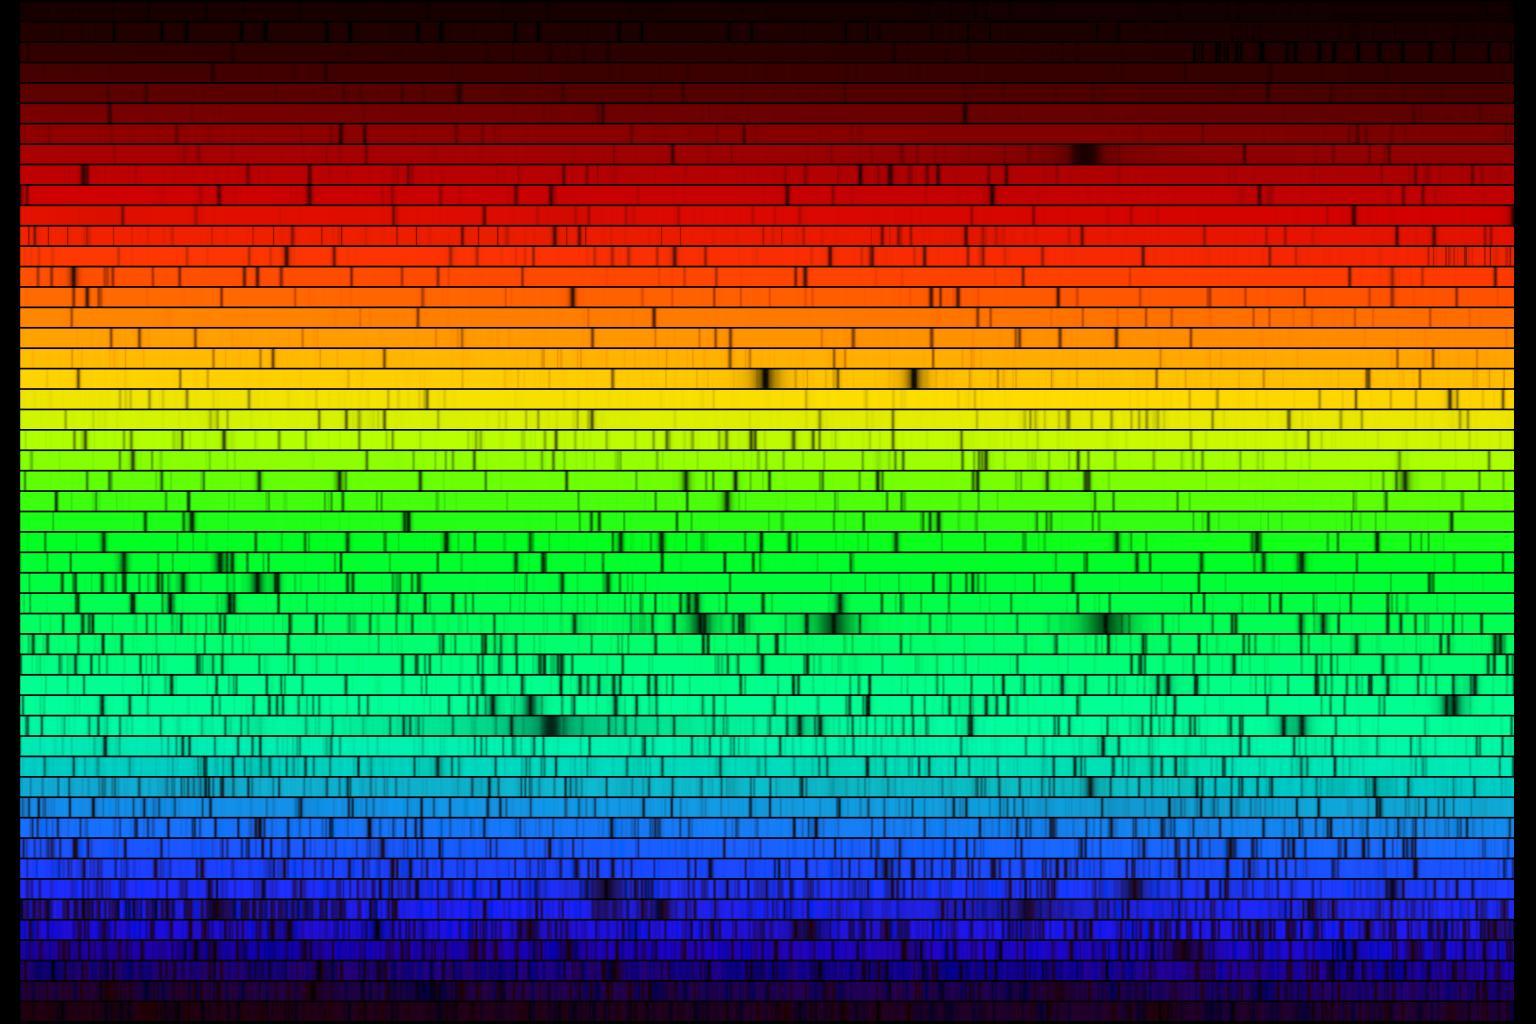 Espectro solar de alta resolución (crédito: N.A. Sharp, NOAO/NSO/Kitt Peak FTS/AURA/NSF)